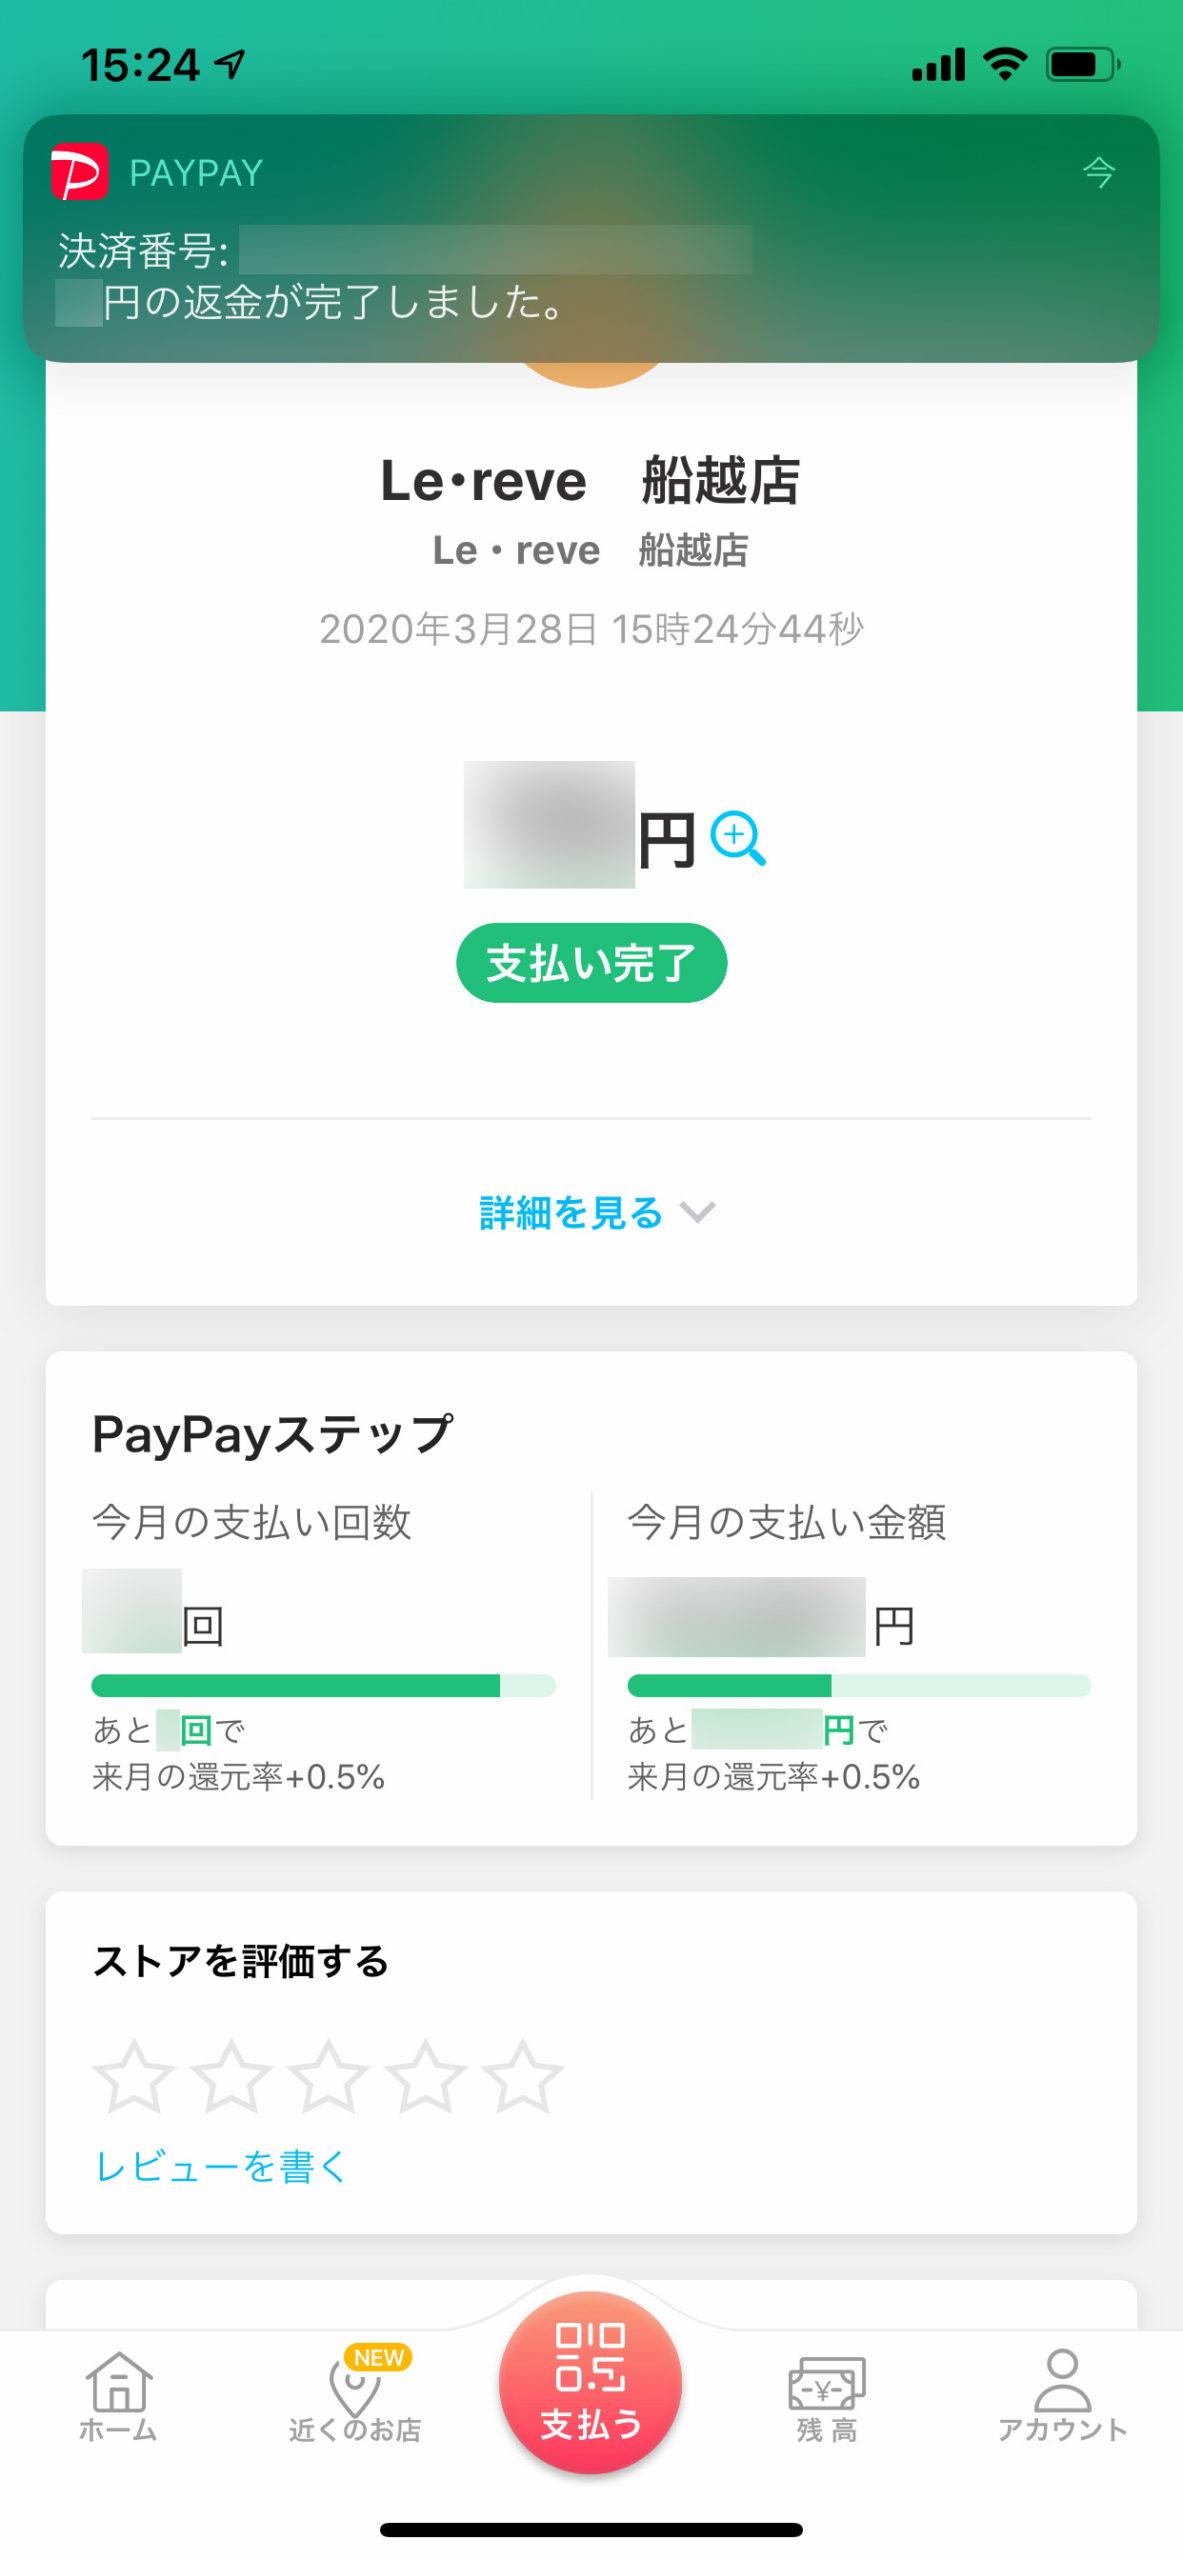 お待たせしました。PayPayがご利用いただけます♪